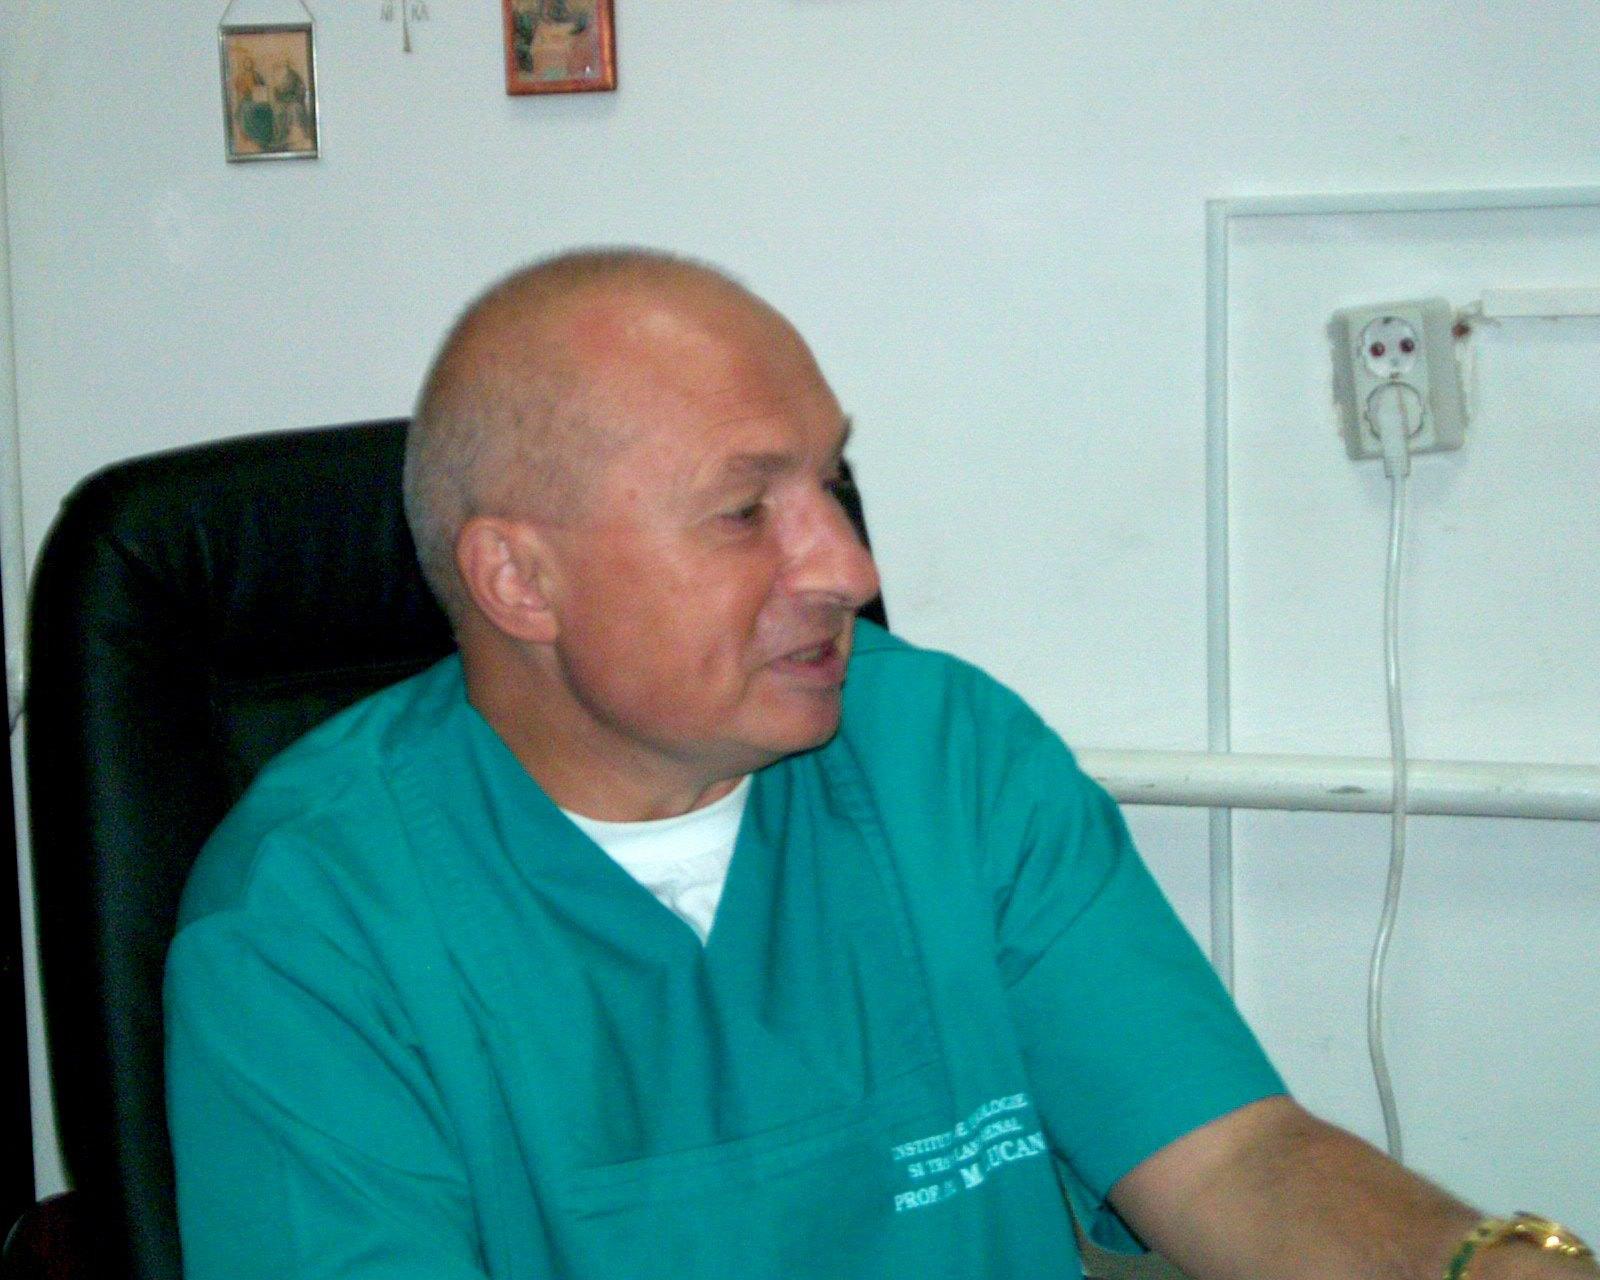 Un parlamentar USR despre cazul lui Mihai Lucan: Procurorul de caz să nu negocieze cu mafia din sistemul medical